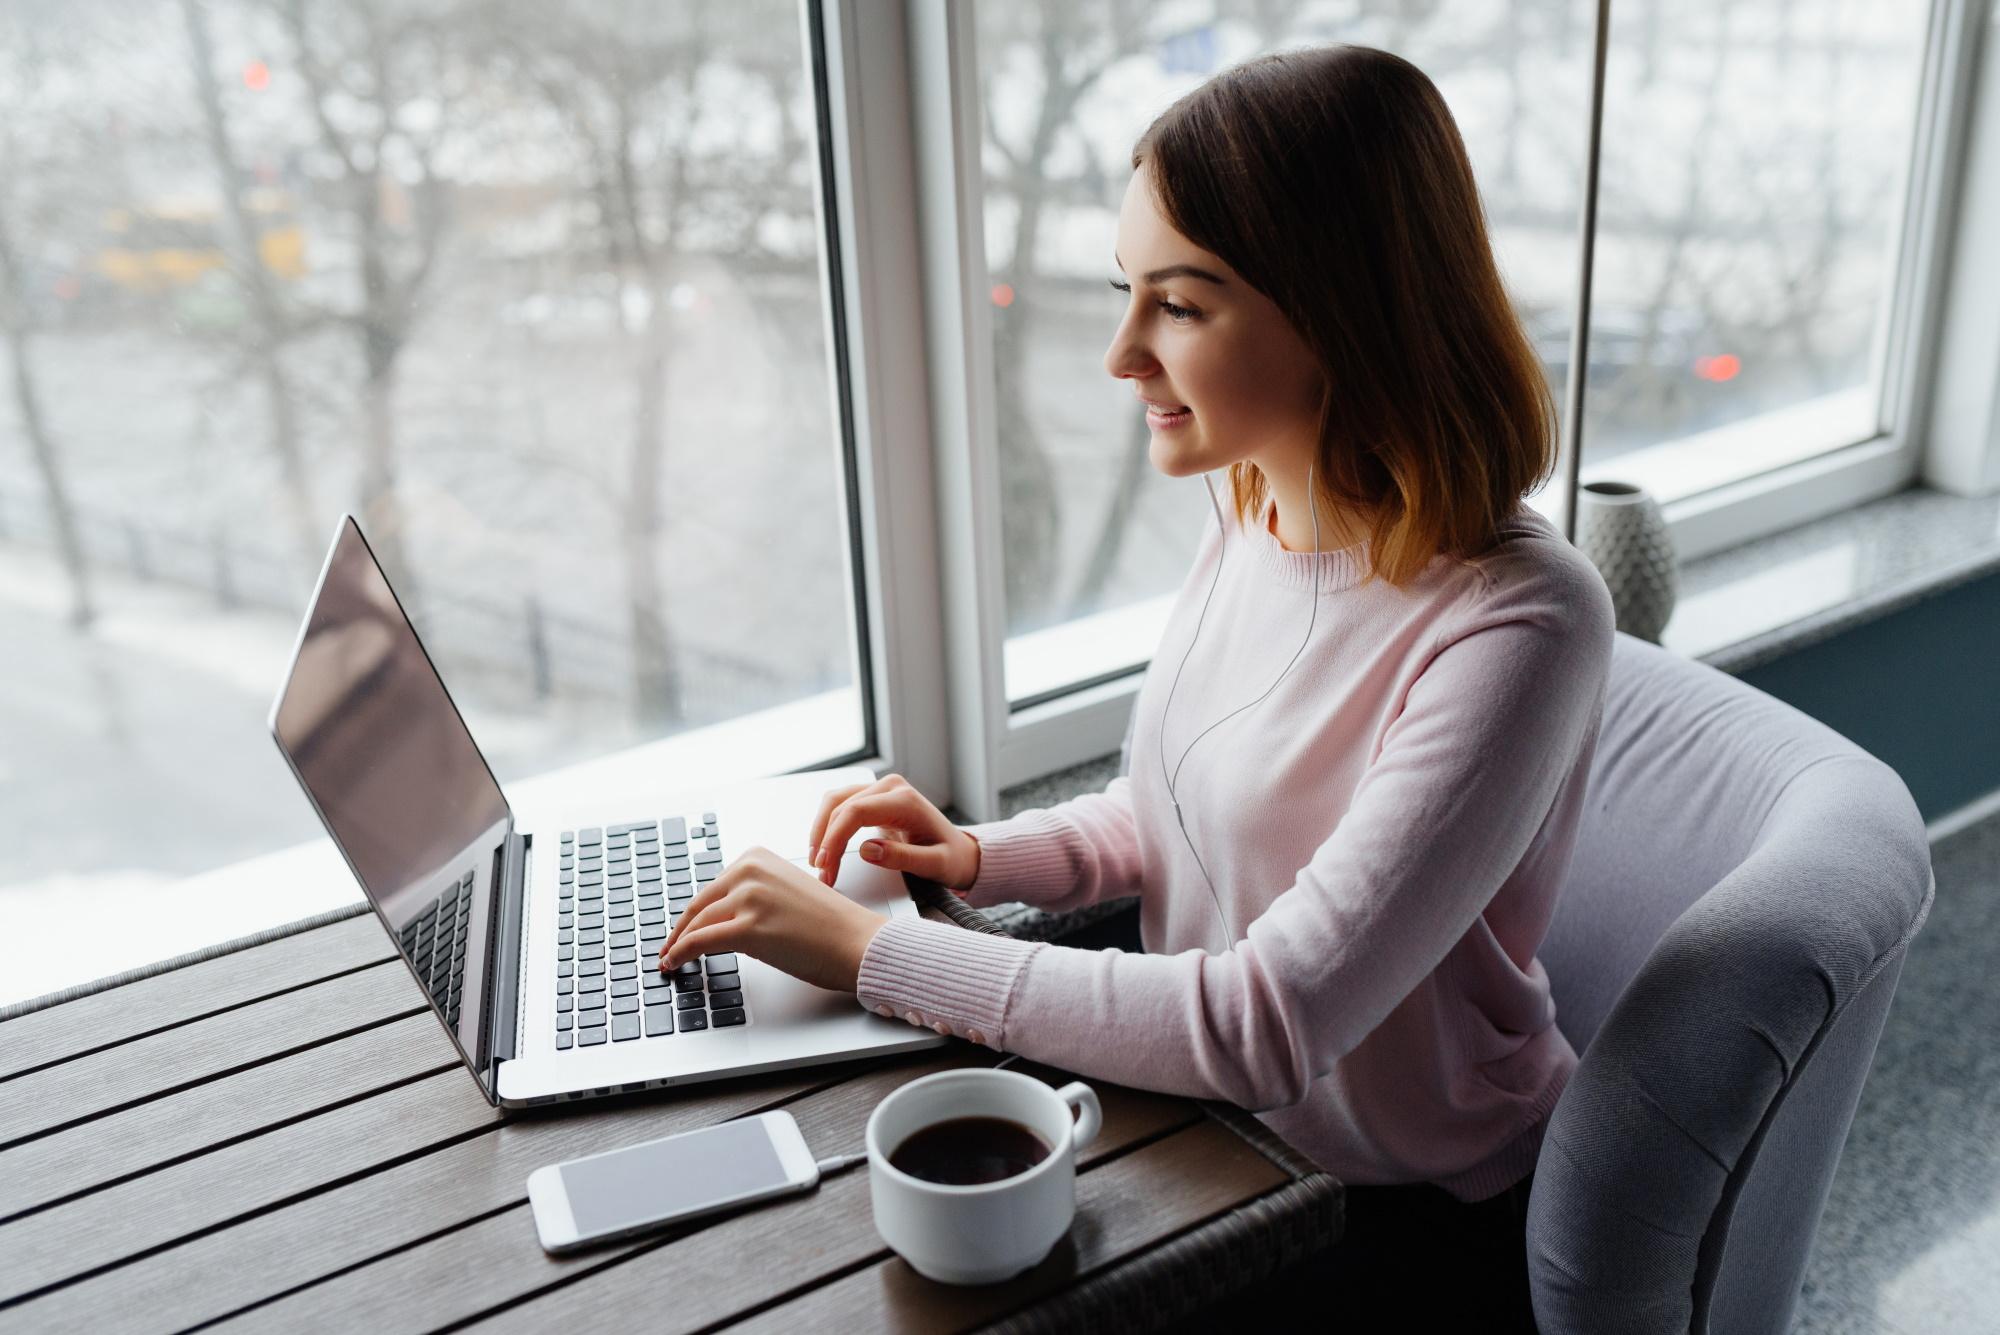 Female webinar attendee